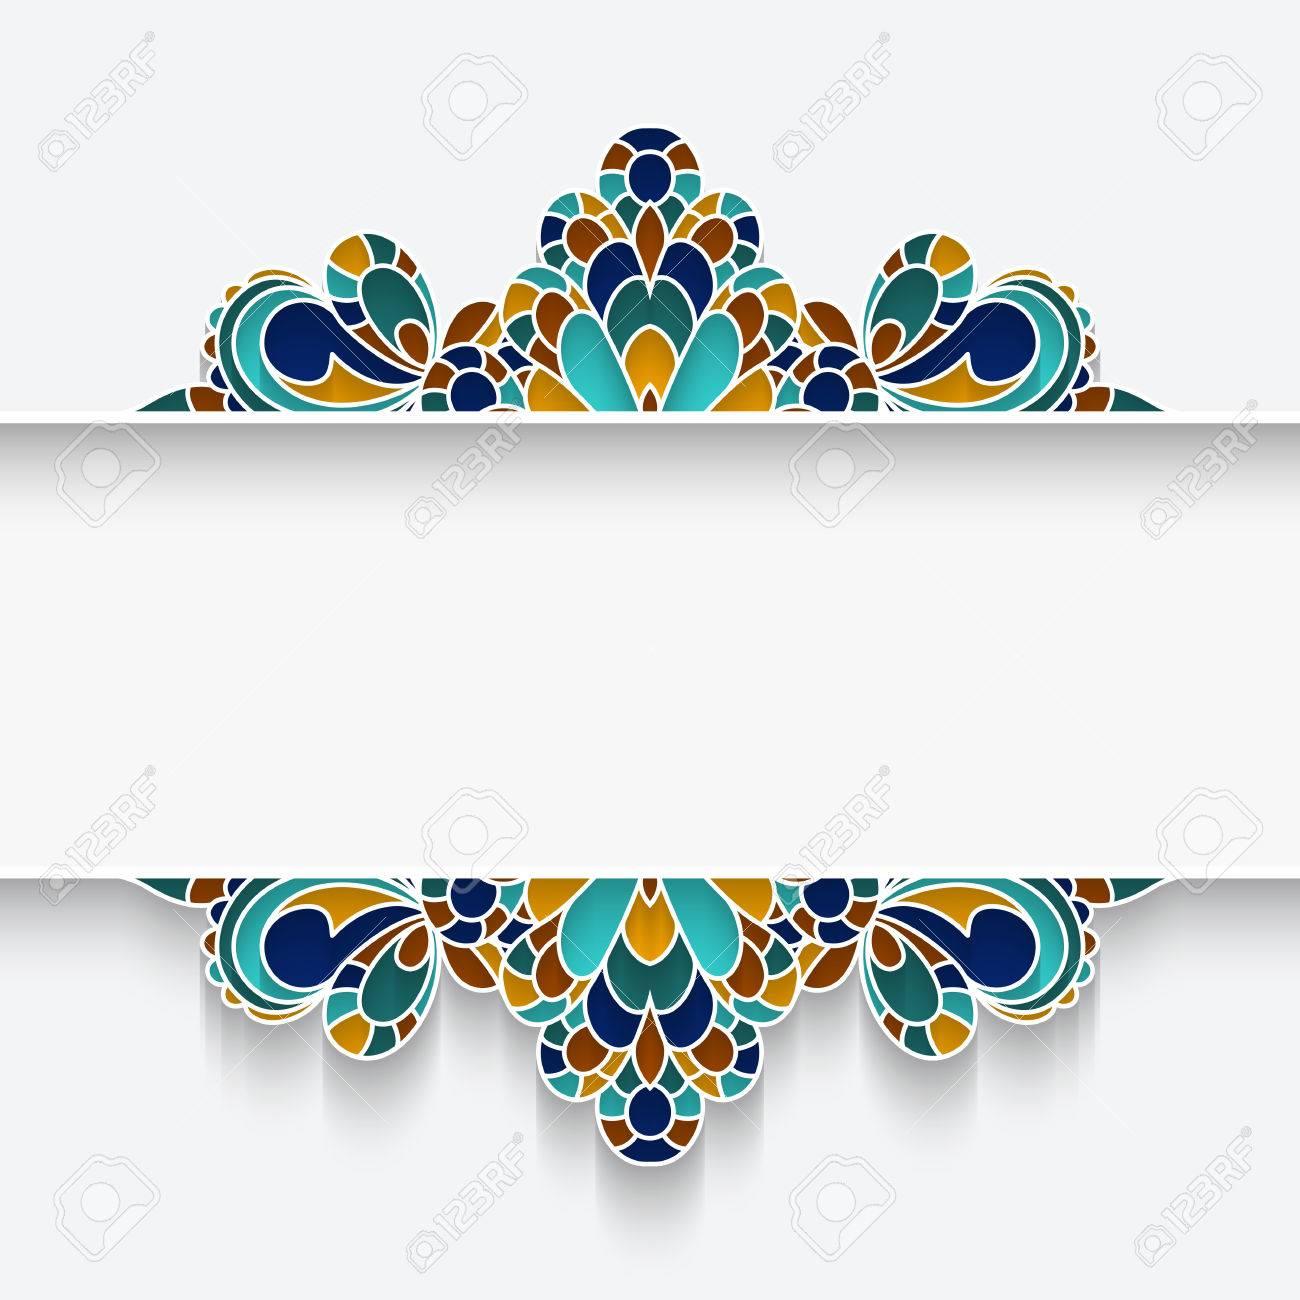 Marco De Mayólica Mosaico Con Bordes De Colores, Divisor, De Cabeza ...